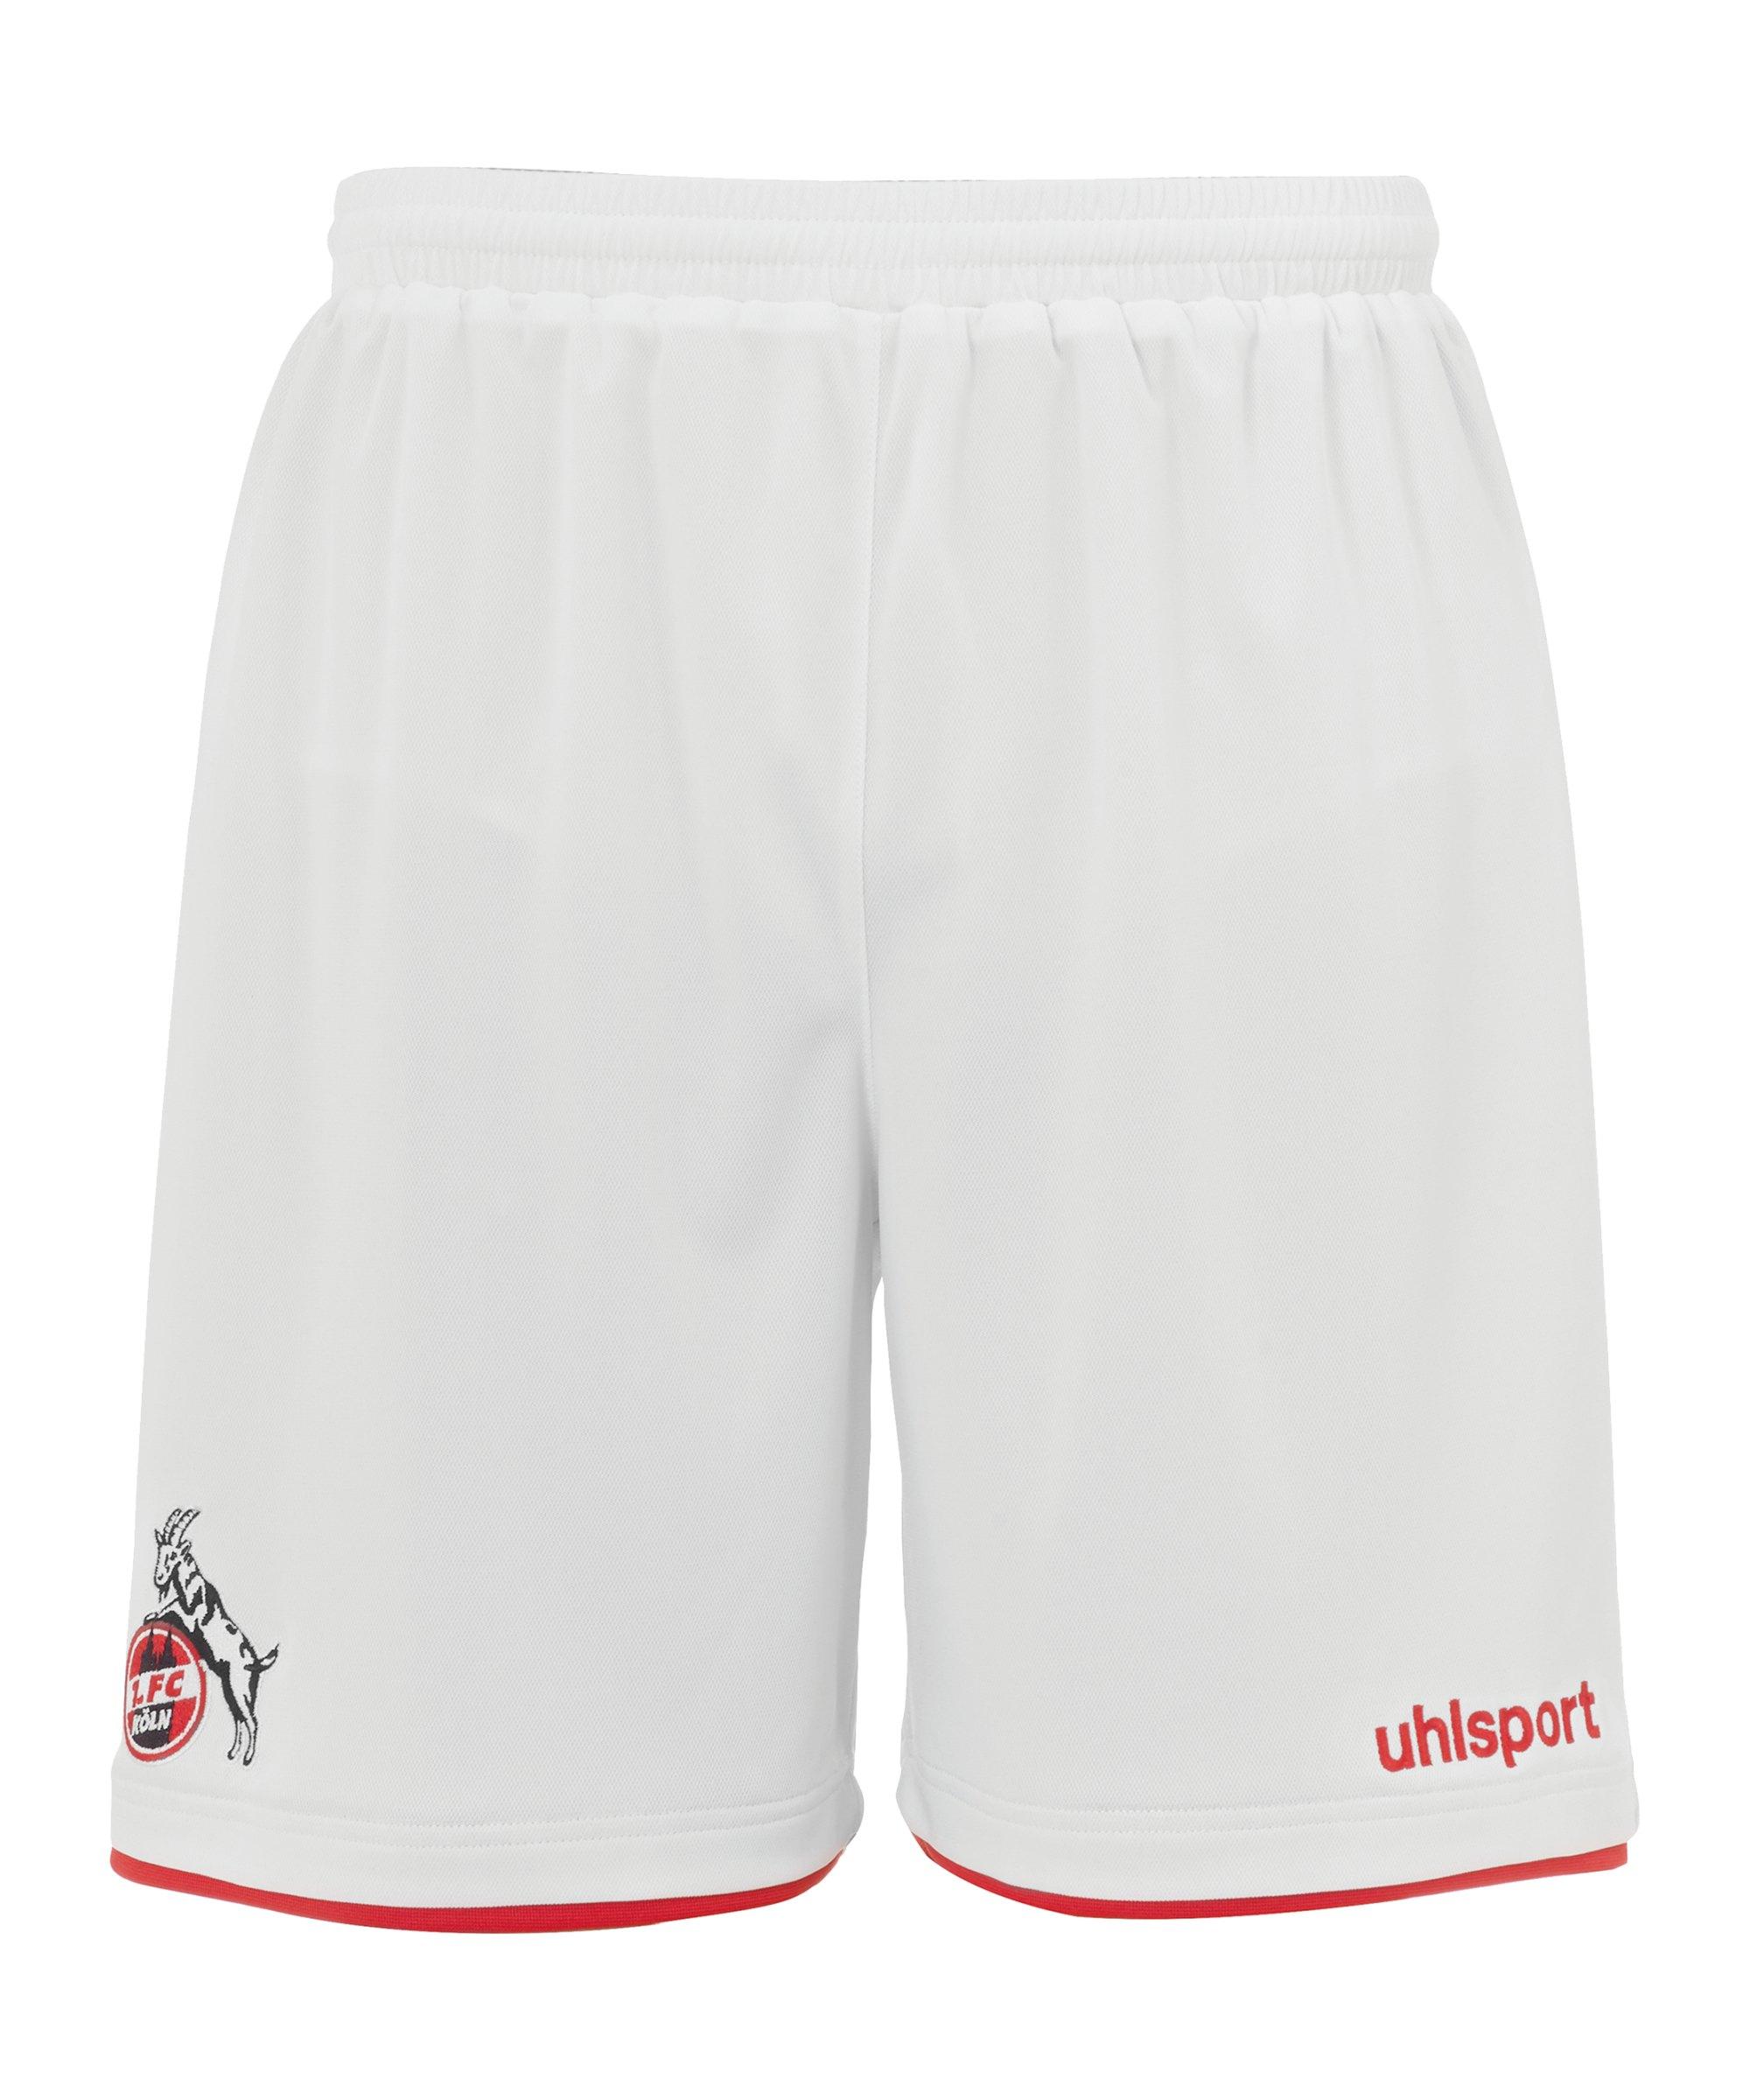 Uhlsport 1. FC Köln Short Home 2021/2022 Weiss - weiss